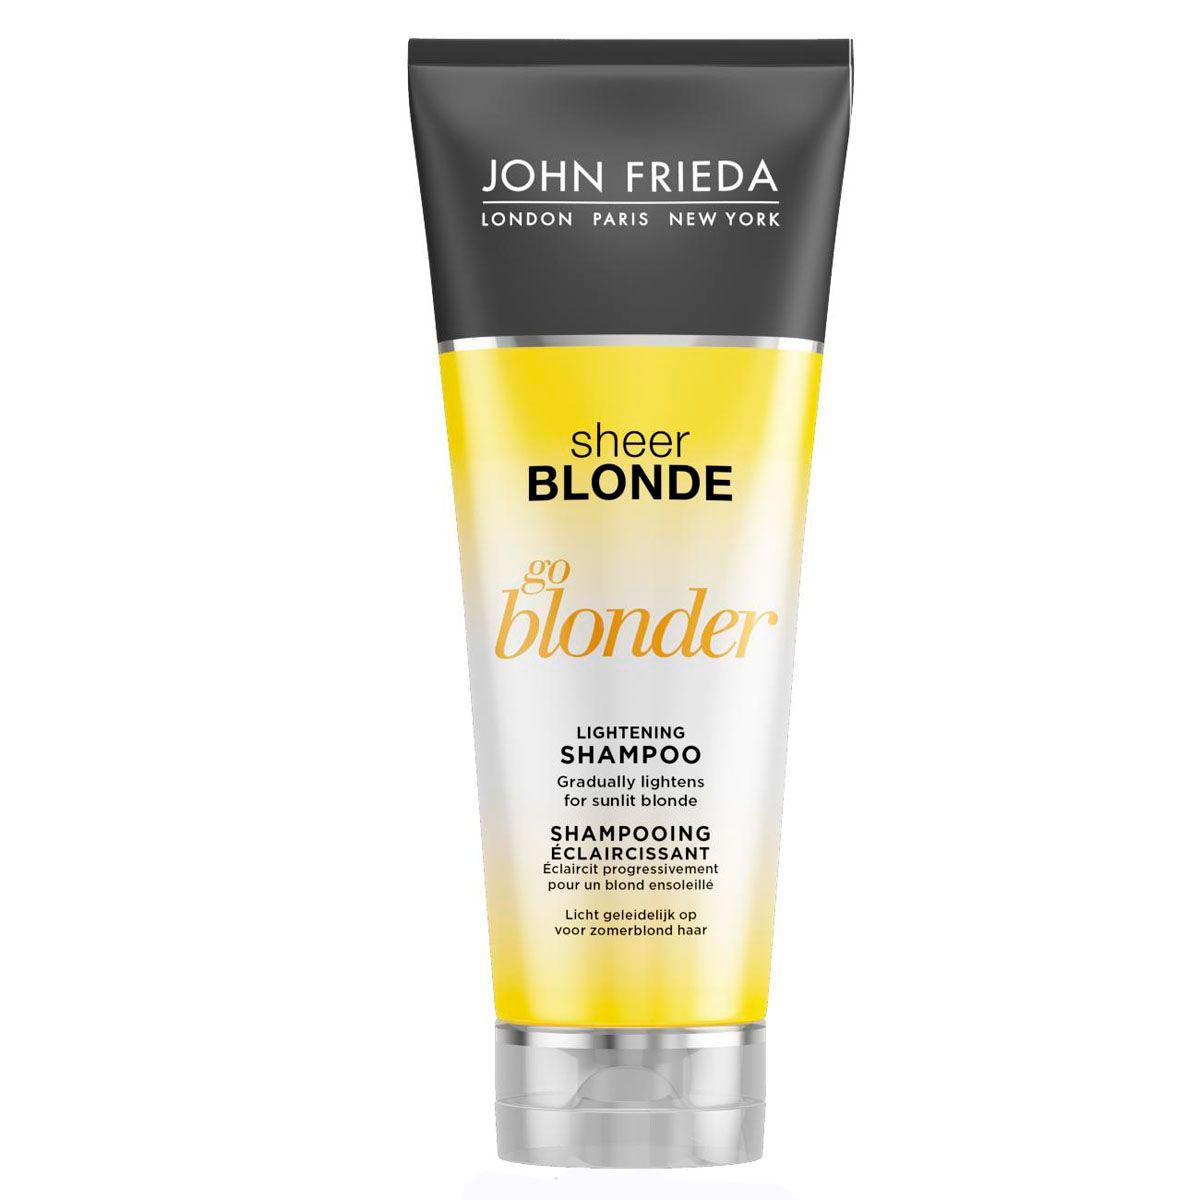 Шампунь John Frieda Sheer Blonde осветляющий для натуральных, мелированных и окрашенных волос 250 мл<br>